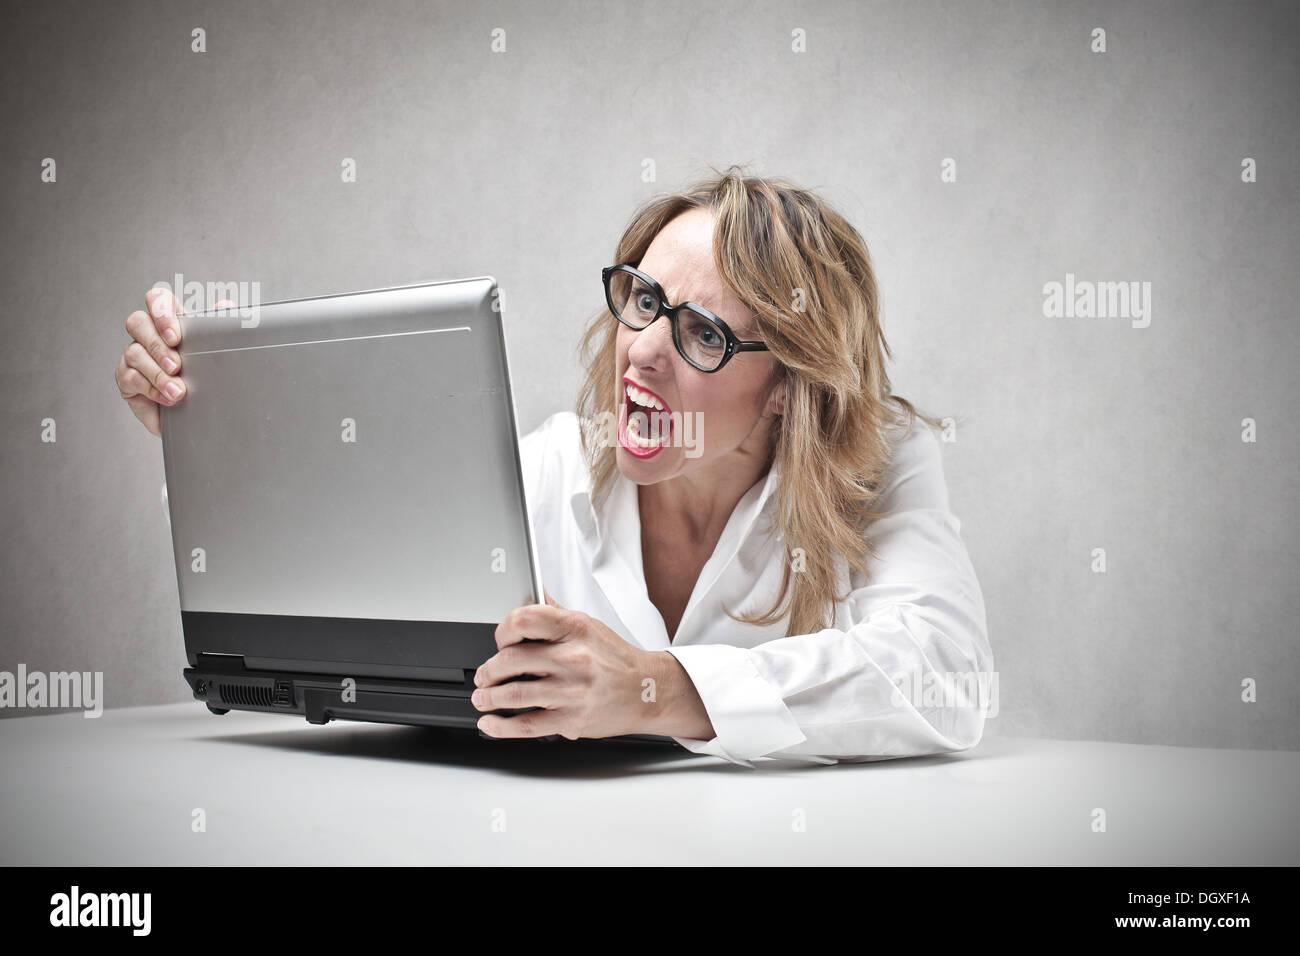 Donna bionda con gli occhiali urlando contro un computer portatile Foto Stock